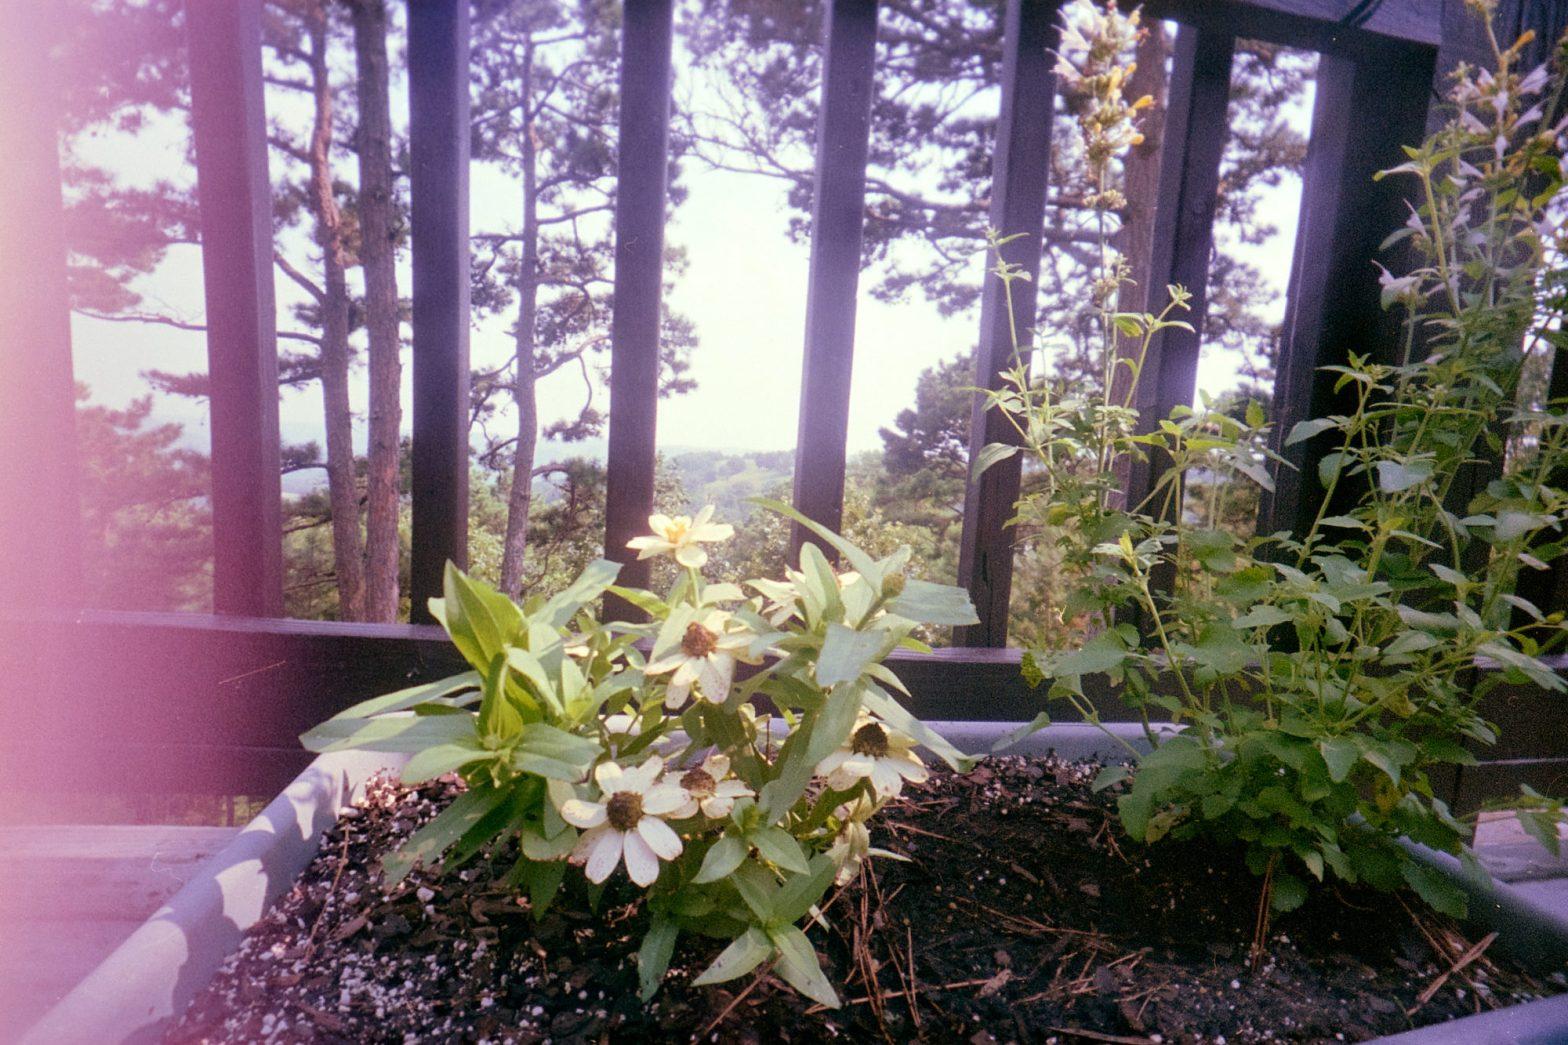 Cover-flowerpot-WaiWai